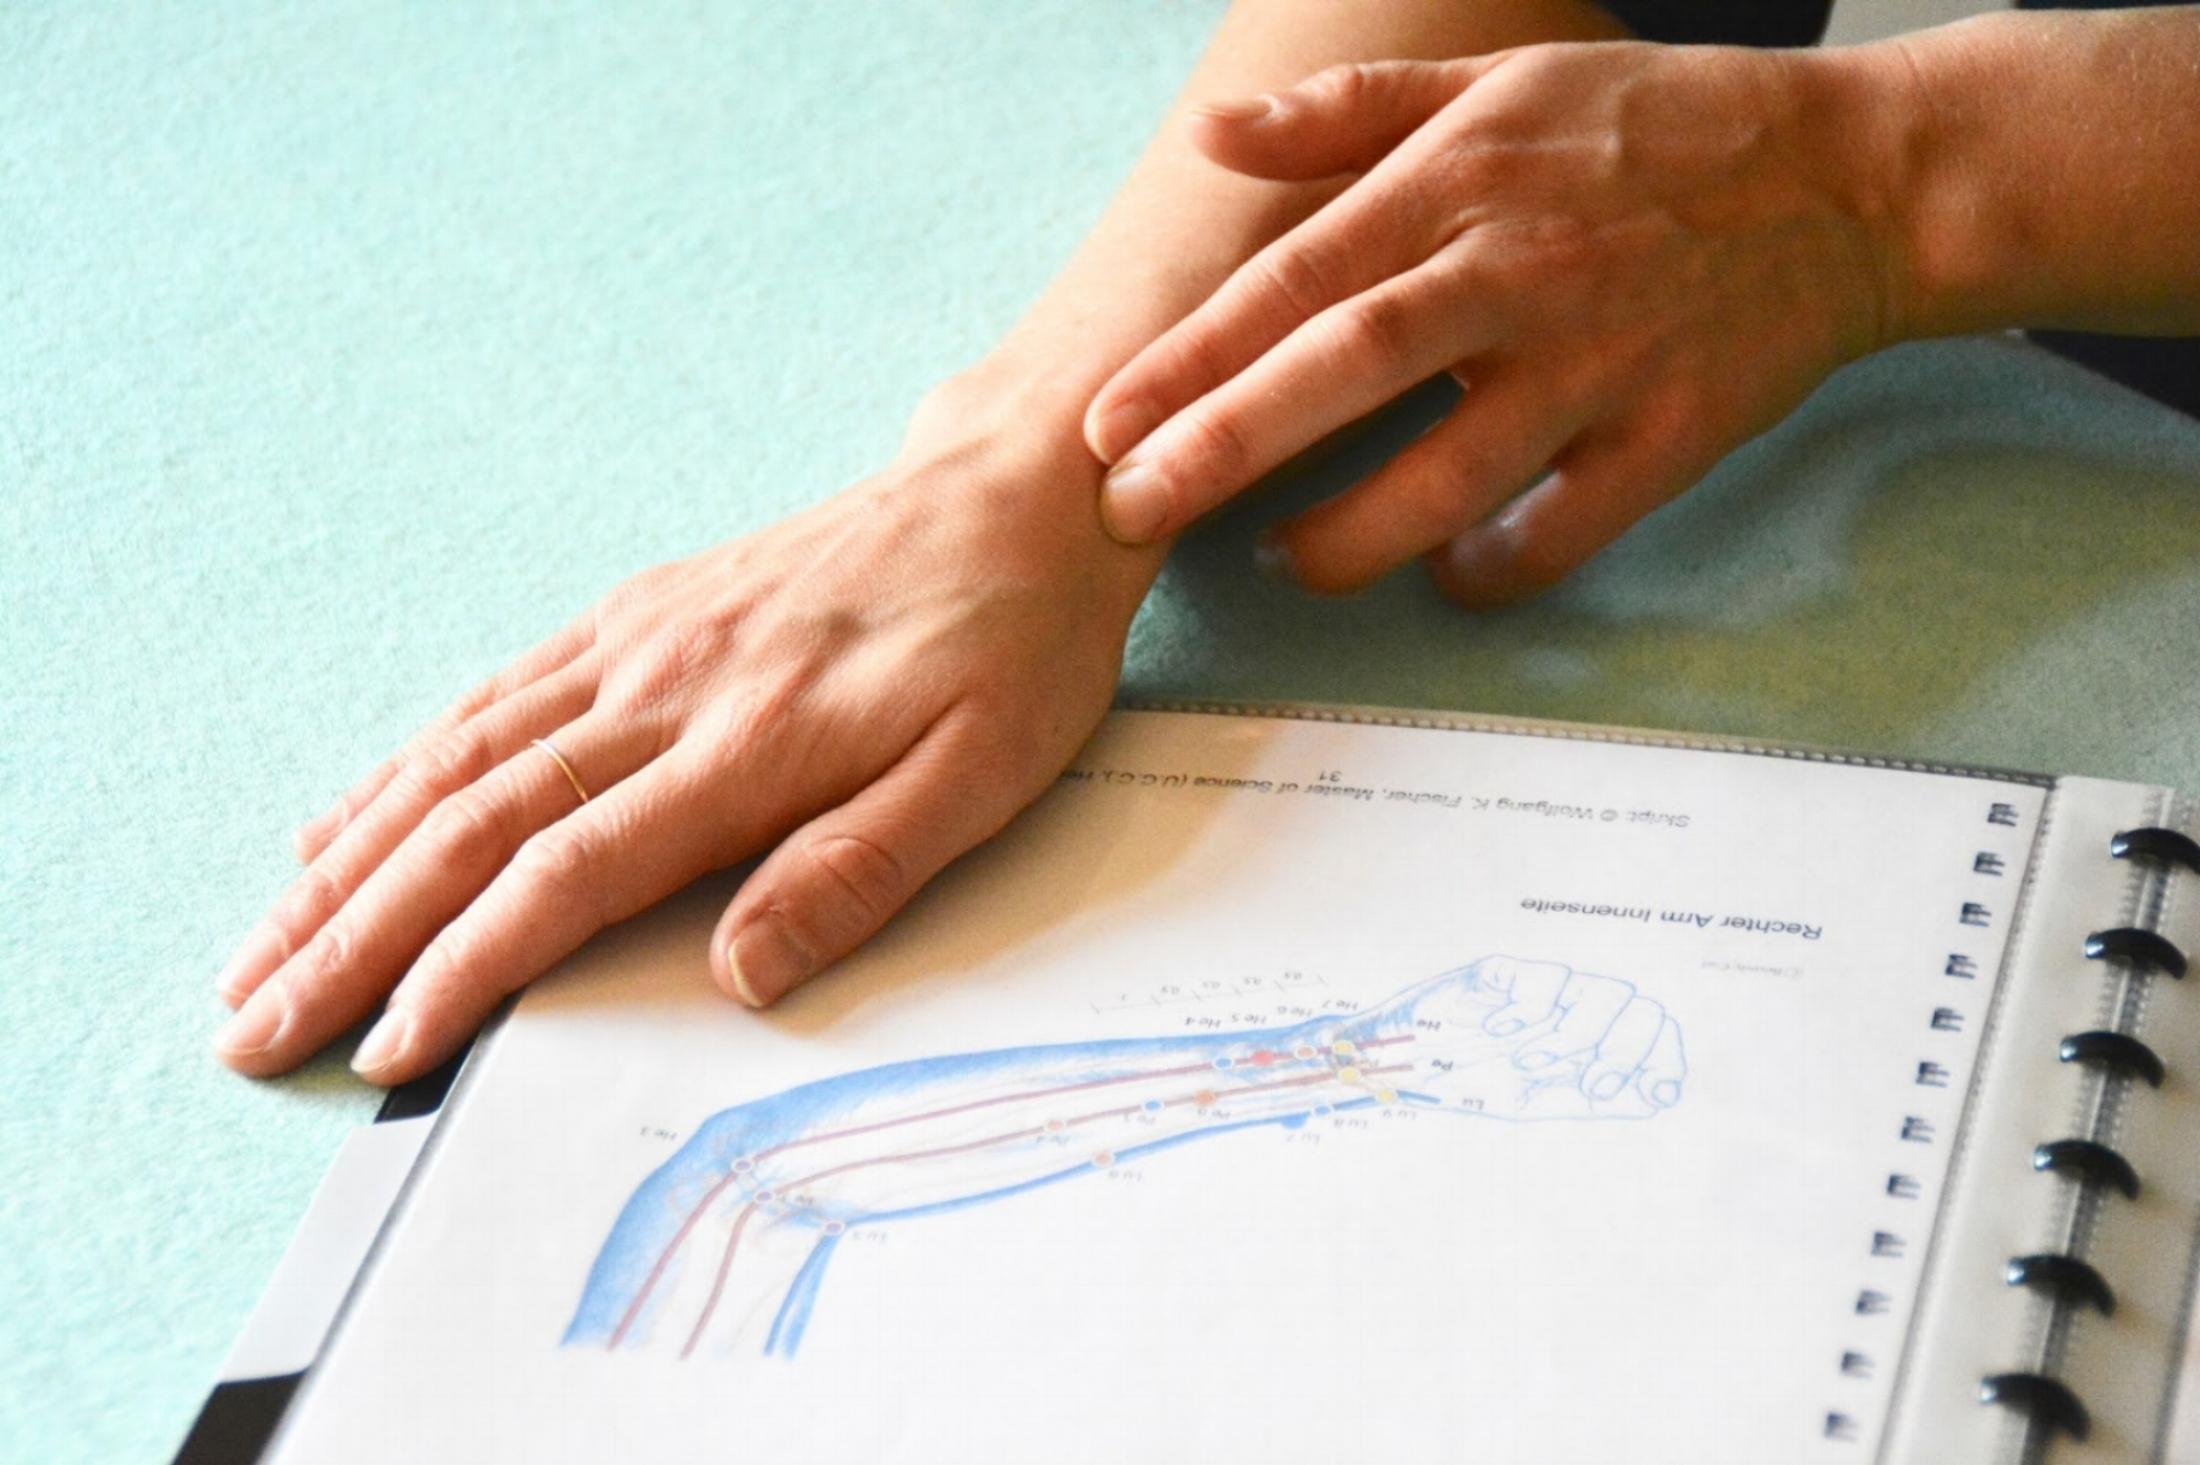 Anwendungsgebiete - Kinesiologie kann in diversen Belangen angewandt werden. Untenstehend findest du weiterführende Informationen dazu.